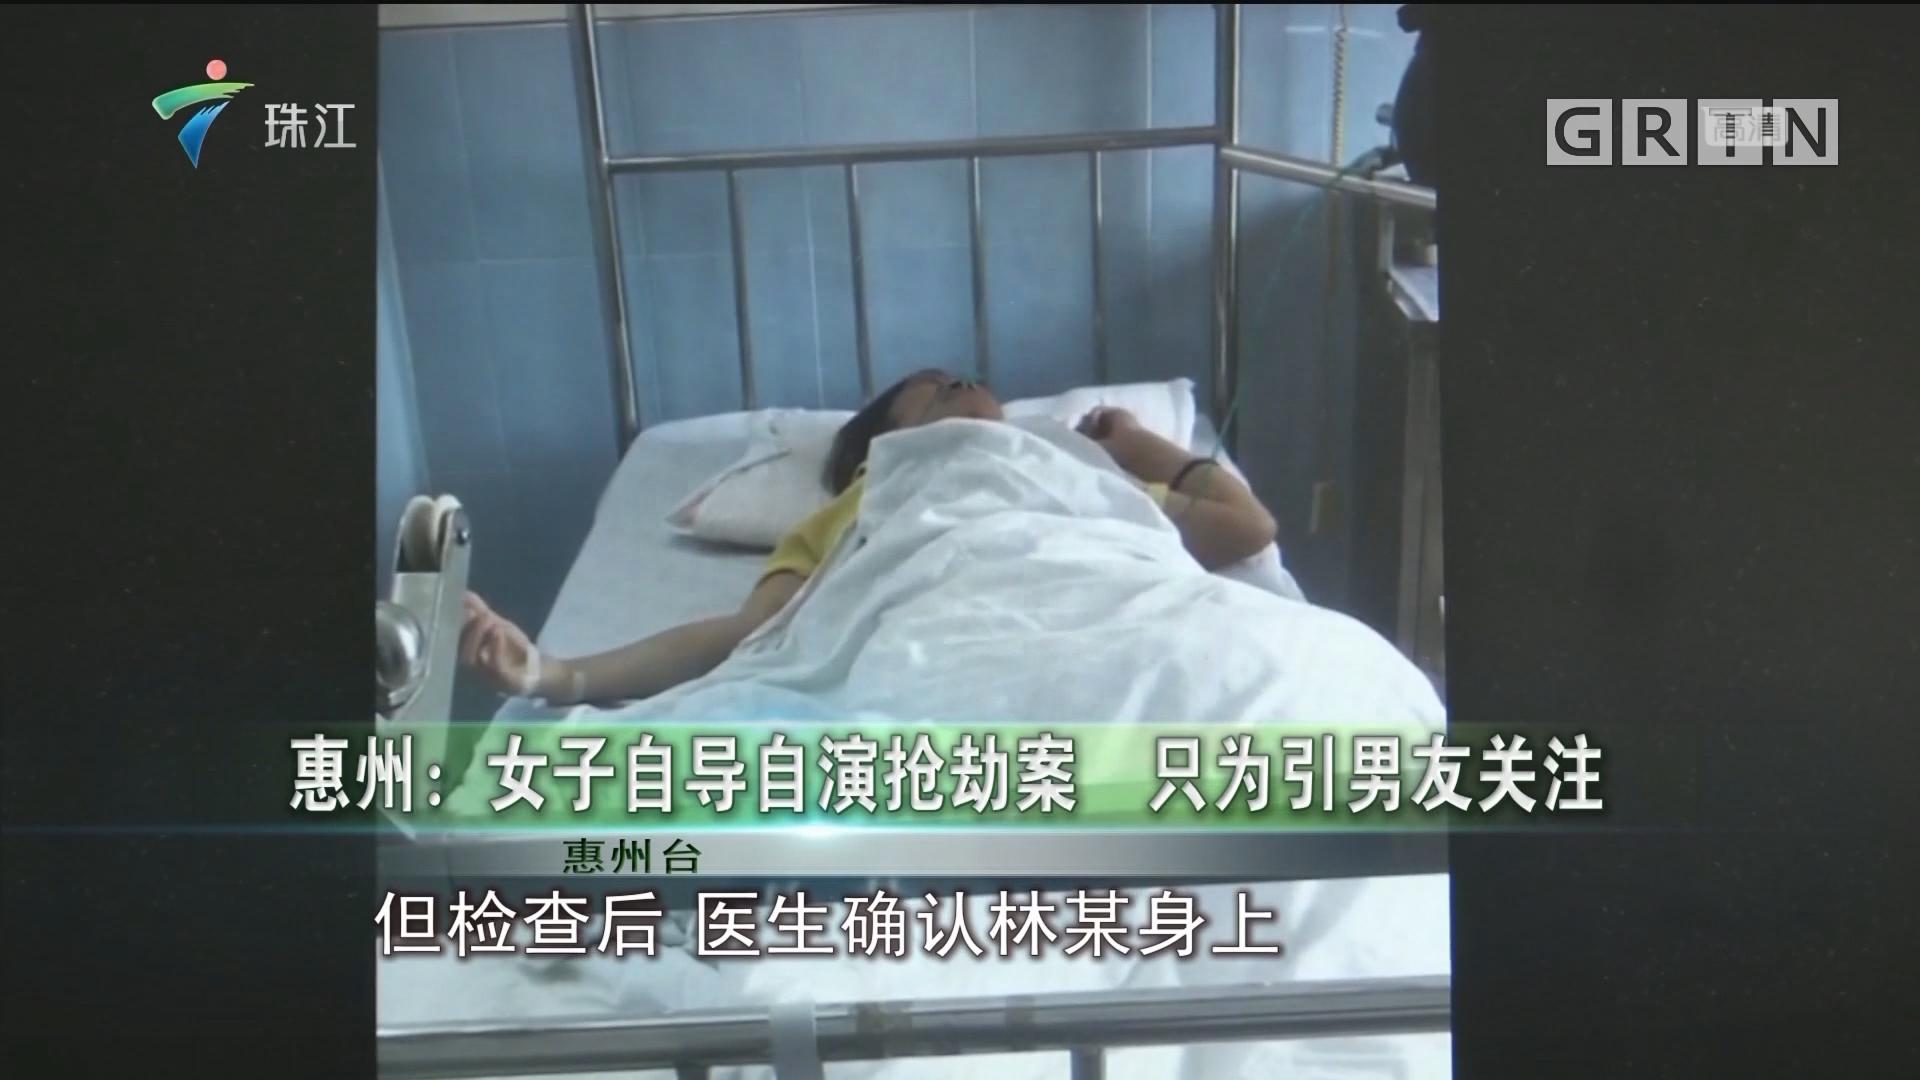 惠州:女子自导自演抢劫案 只为引男友关注